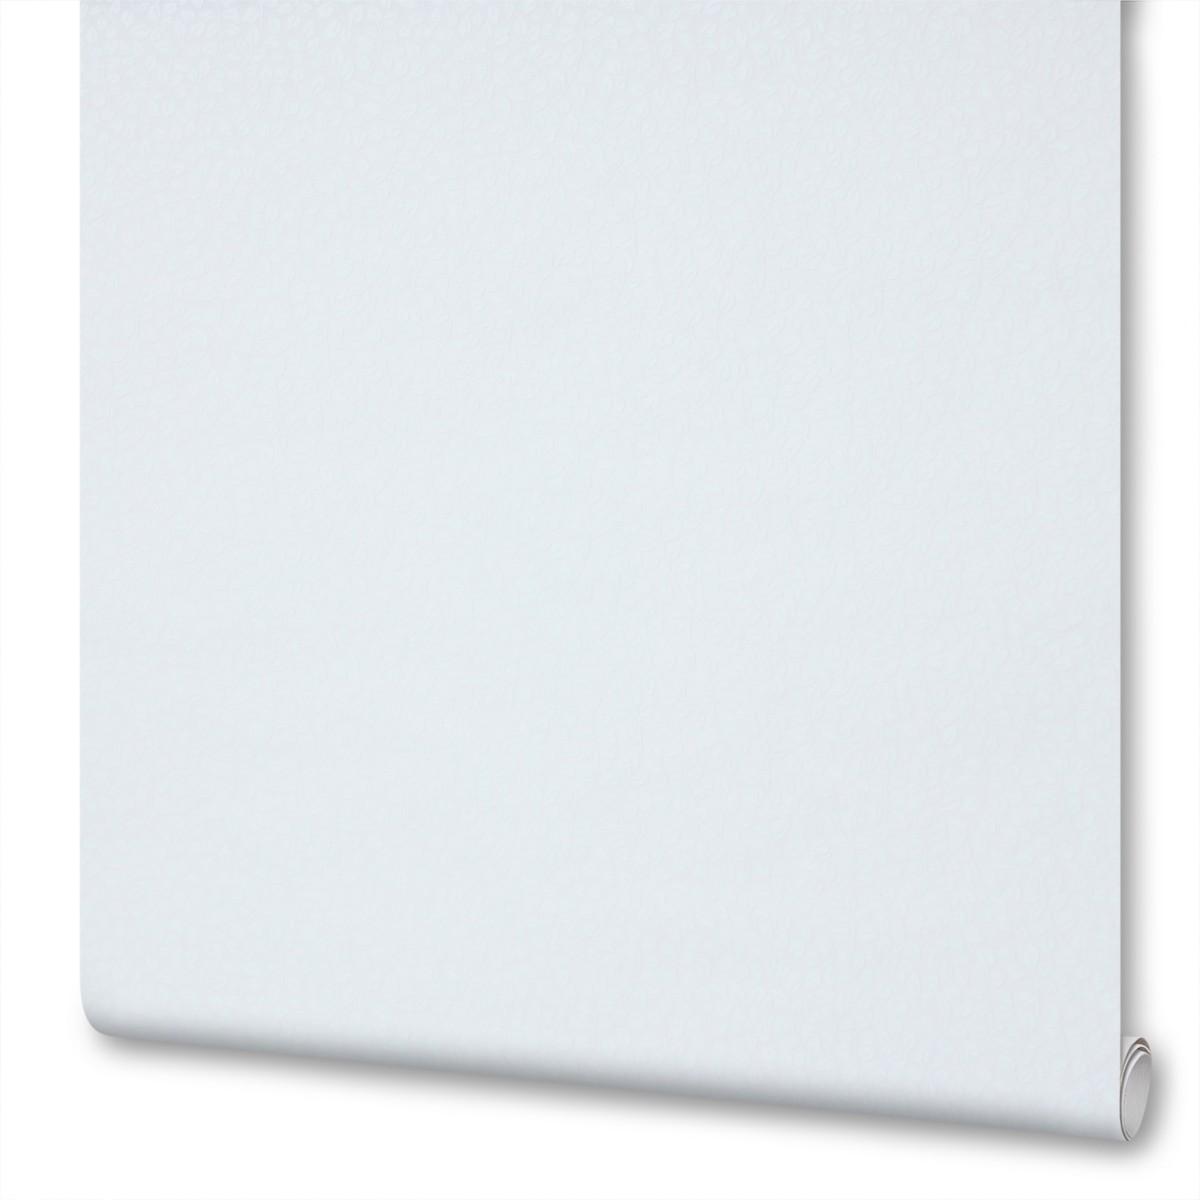 Обои флизелиновые Ateliero Leon белые 1.06 м 38324-01